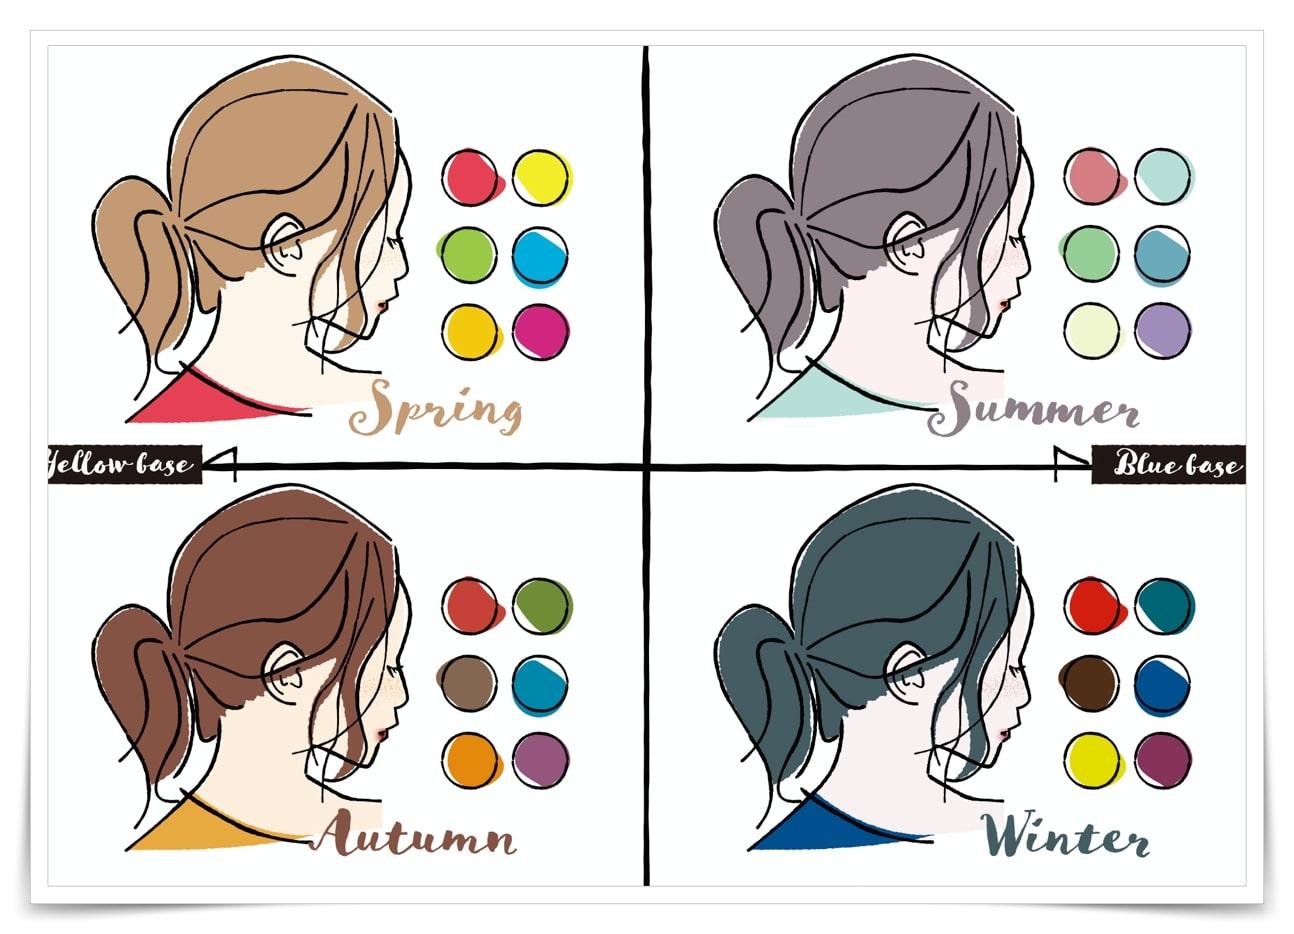 血色マスク,イエベ,春,秋,ブルベ,夏,冬,おすすめ,カラー,自分に似合う色,選び方,パーソナルカラー,診断,何色がいい,不織布マスク,口コミ